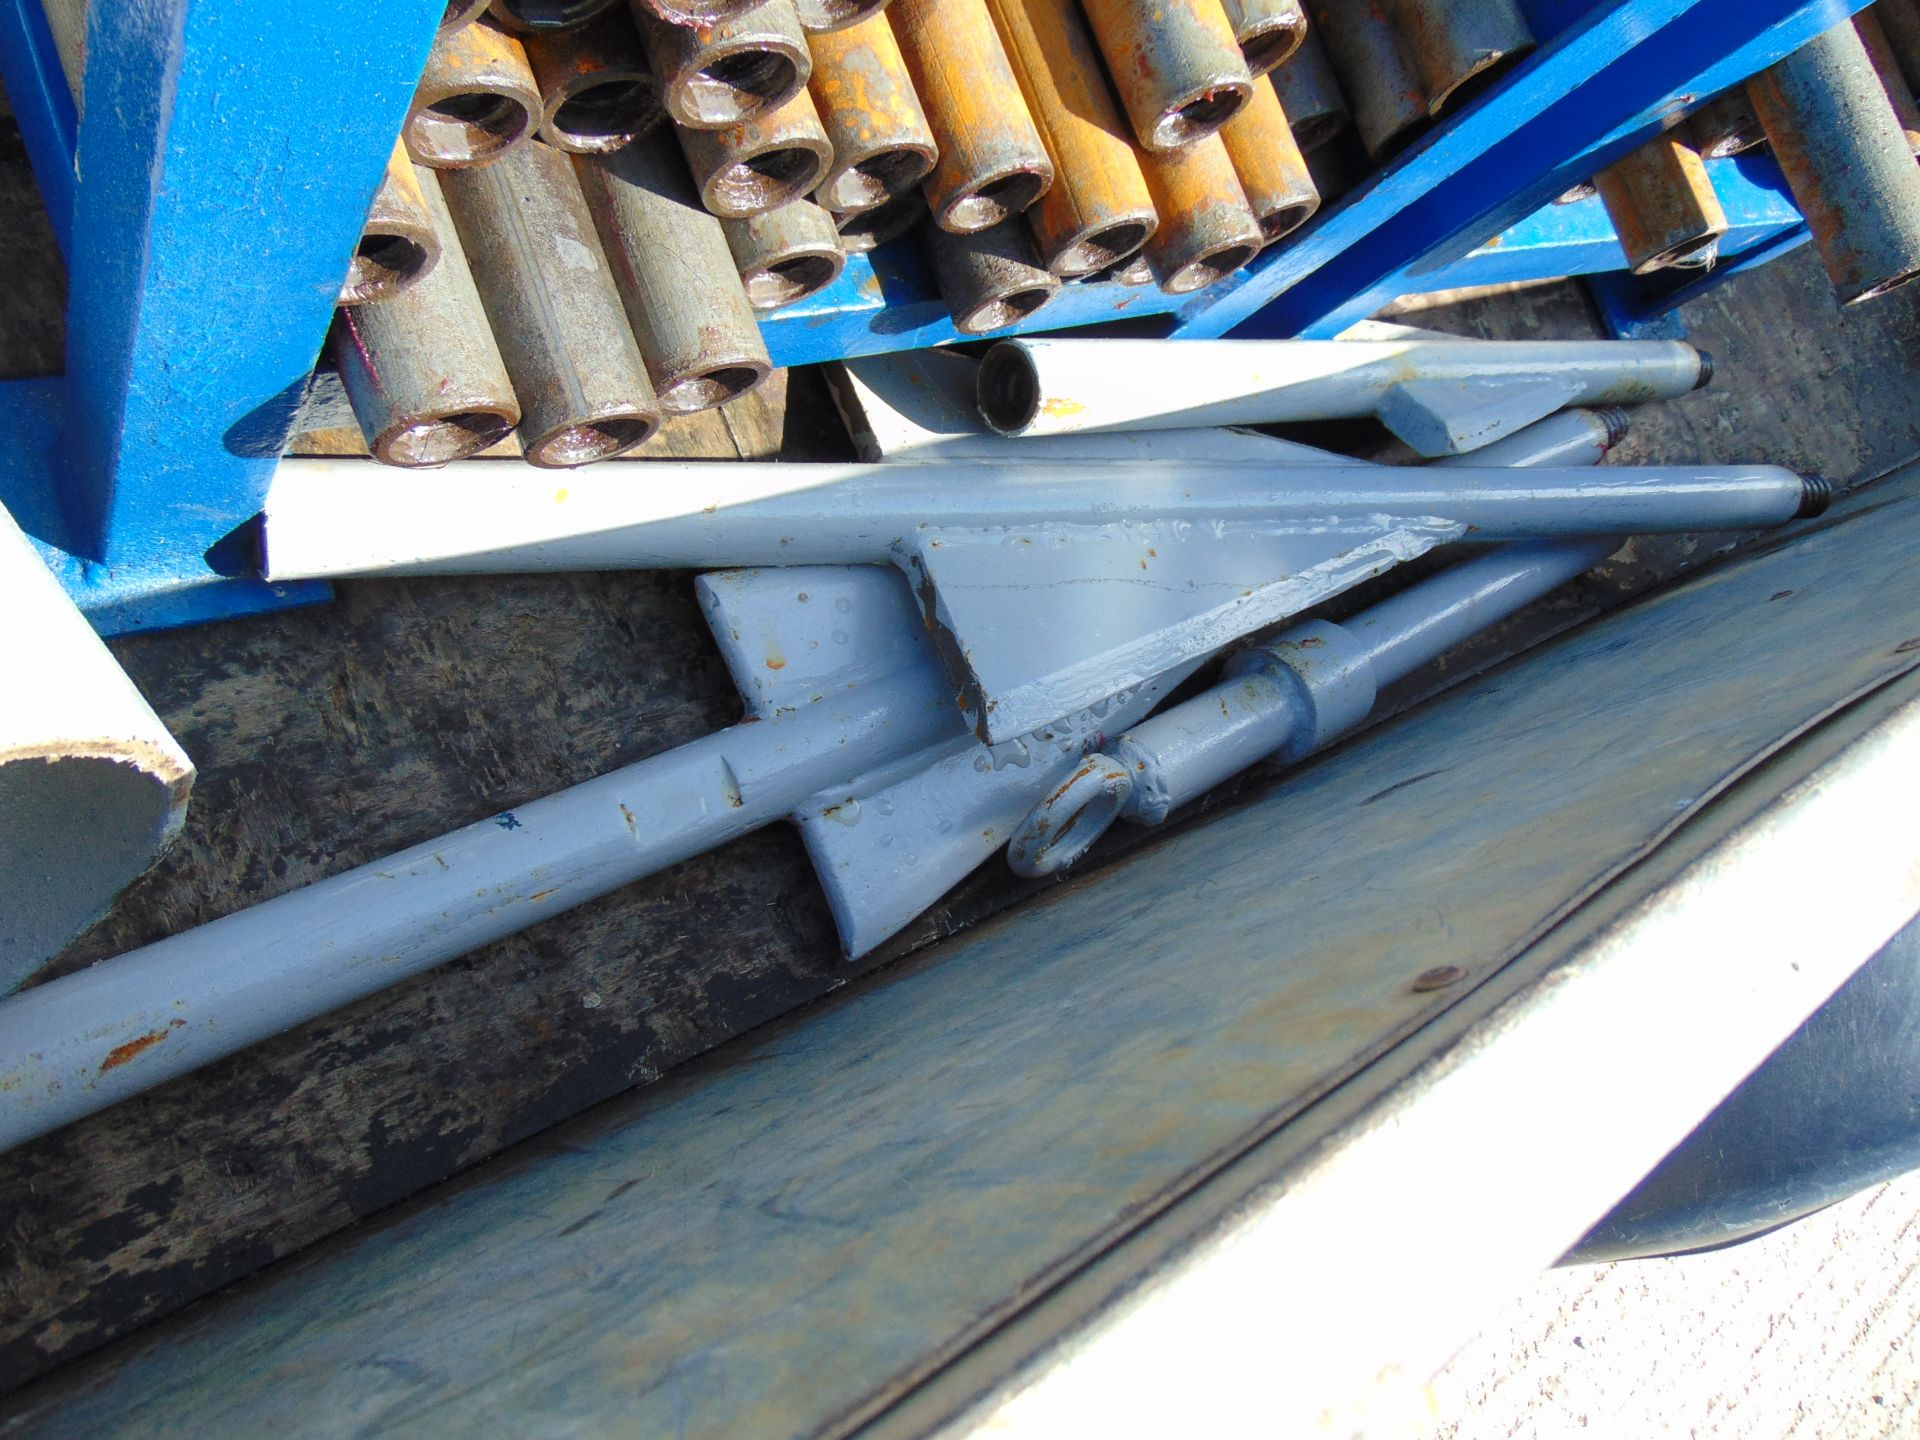 Lot 13 - Grundoburst Trailer Mounted 40 ton Pipe Bursting Rig and Hoses